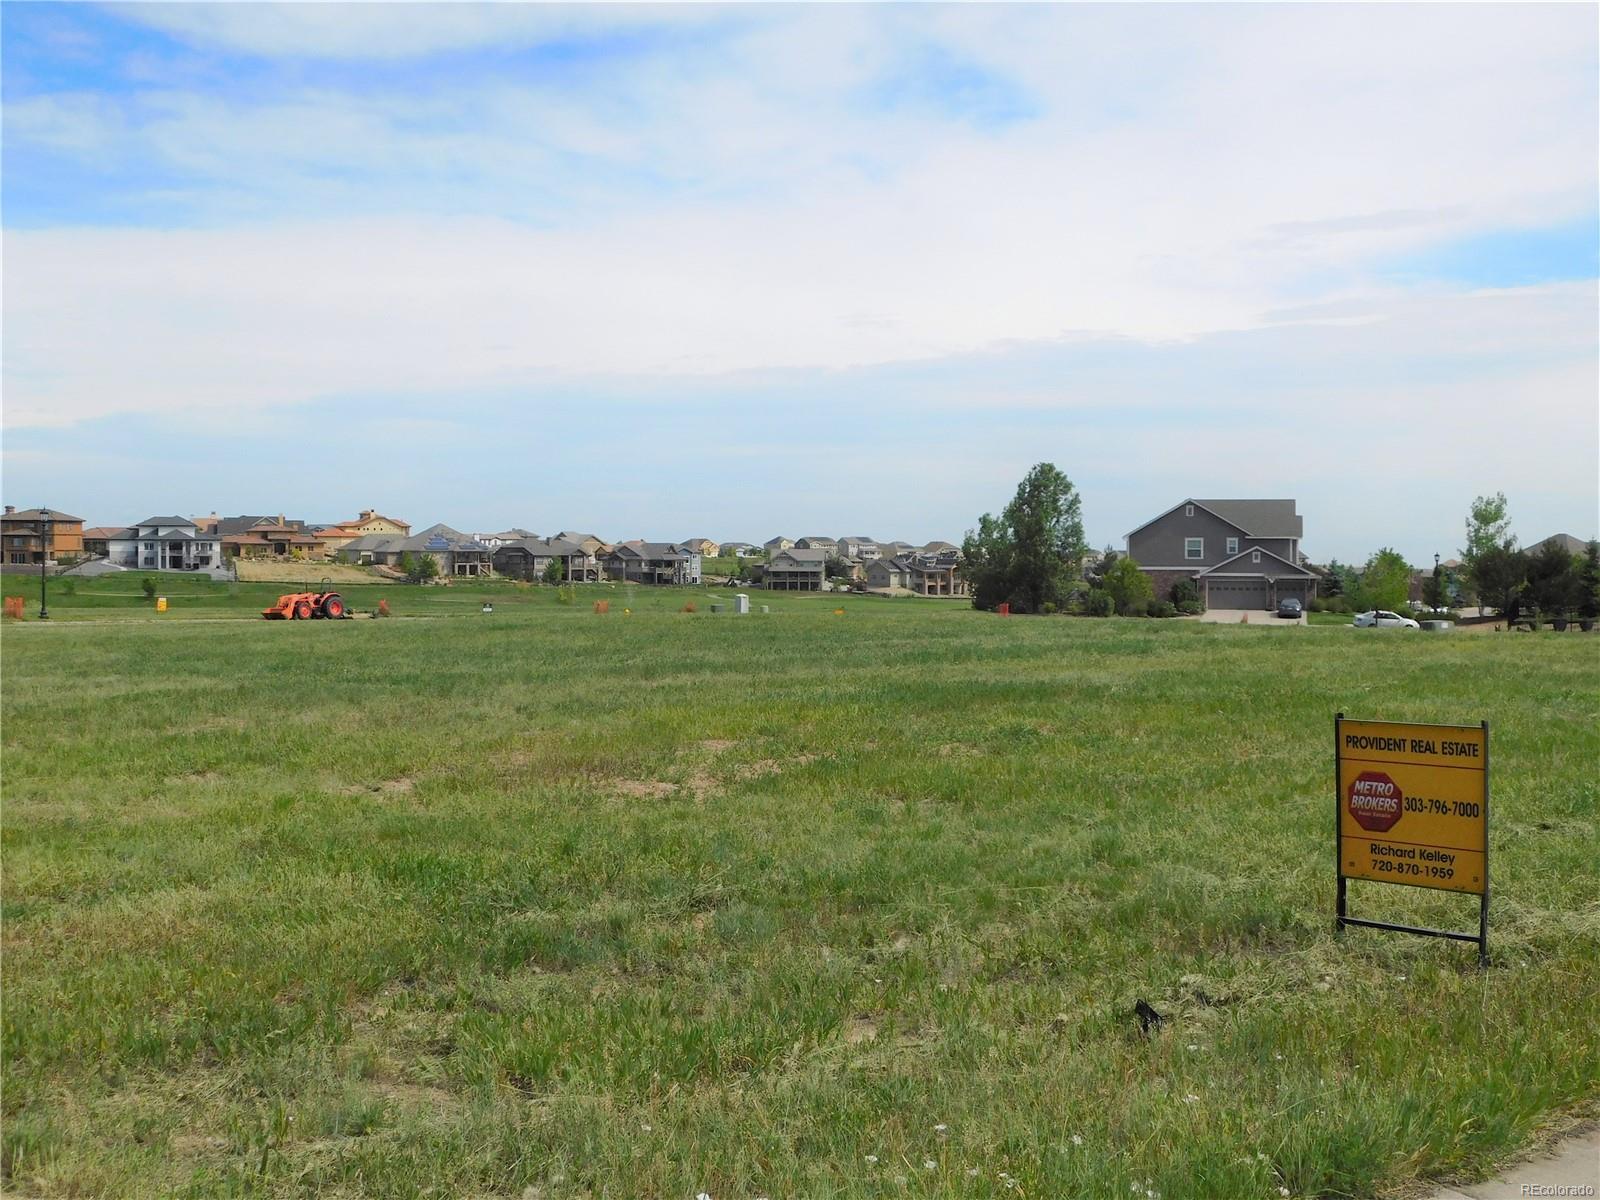 27230 E Nova Circle, Aurora, CO 80016 - Aurora, CO real estate listing